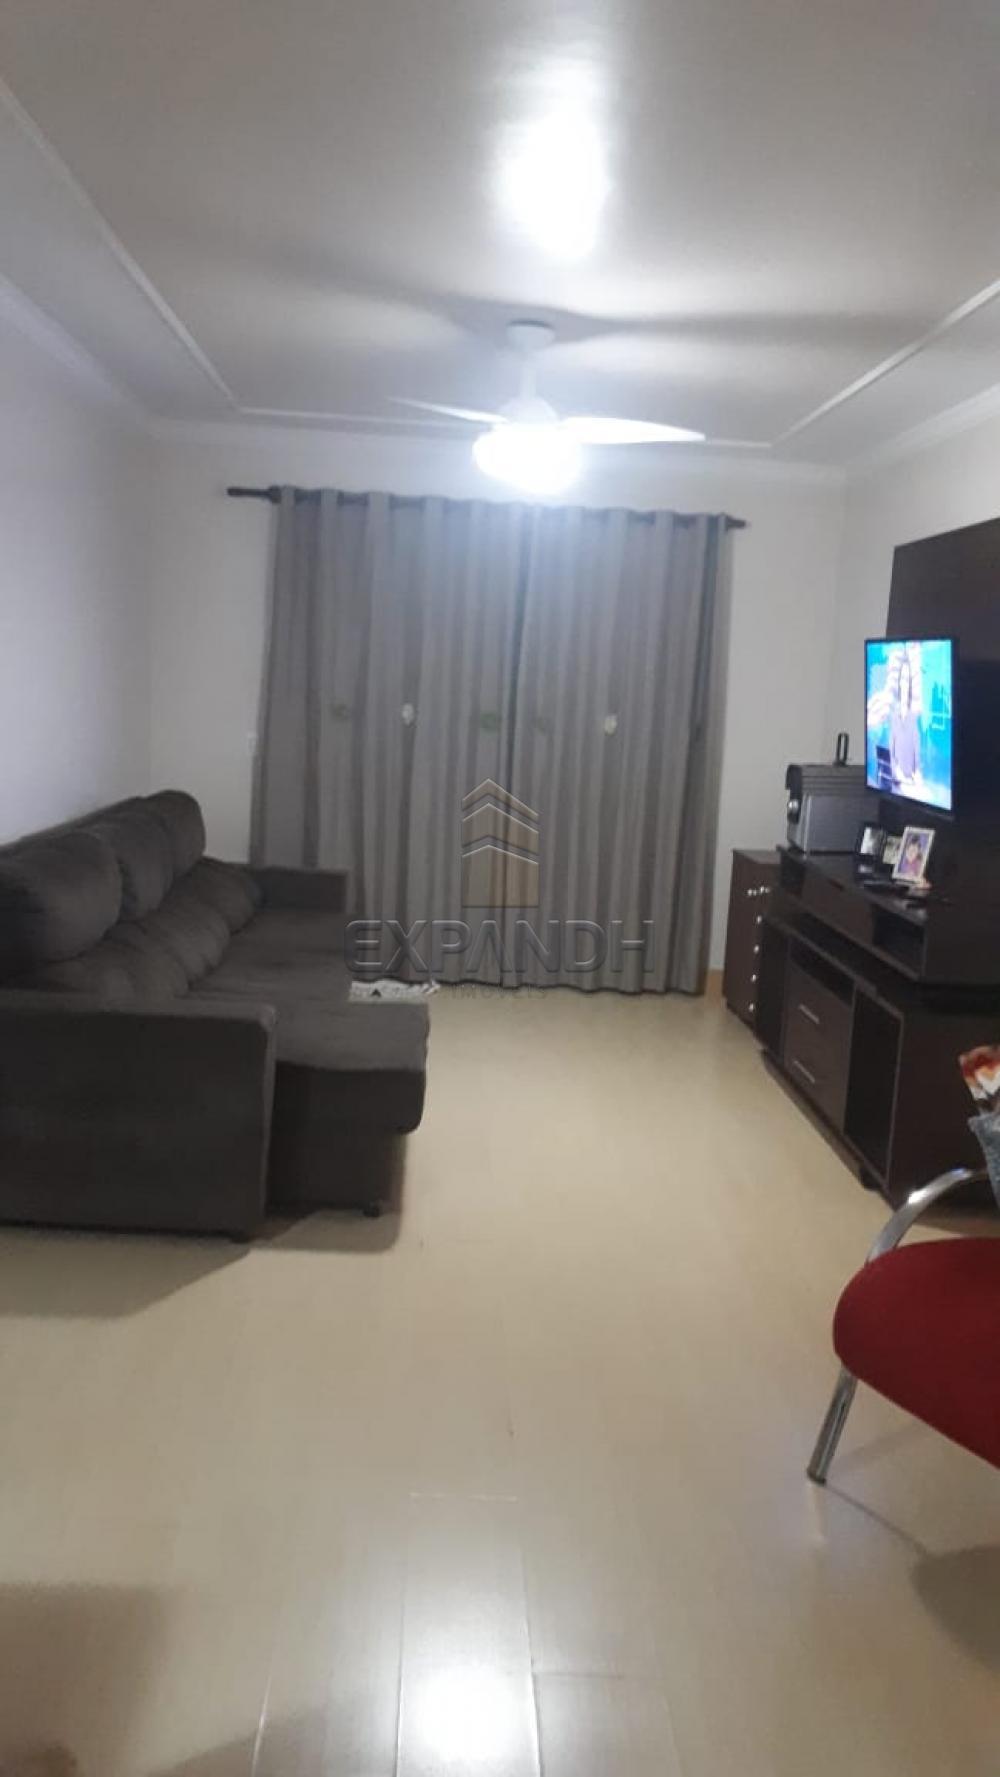 Comprar Apartamentos / Padrão em Sertãozinho R$ 380.000,00 - Foto 20